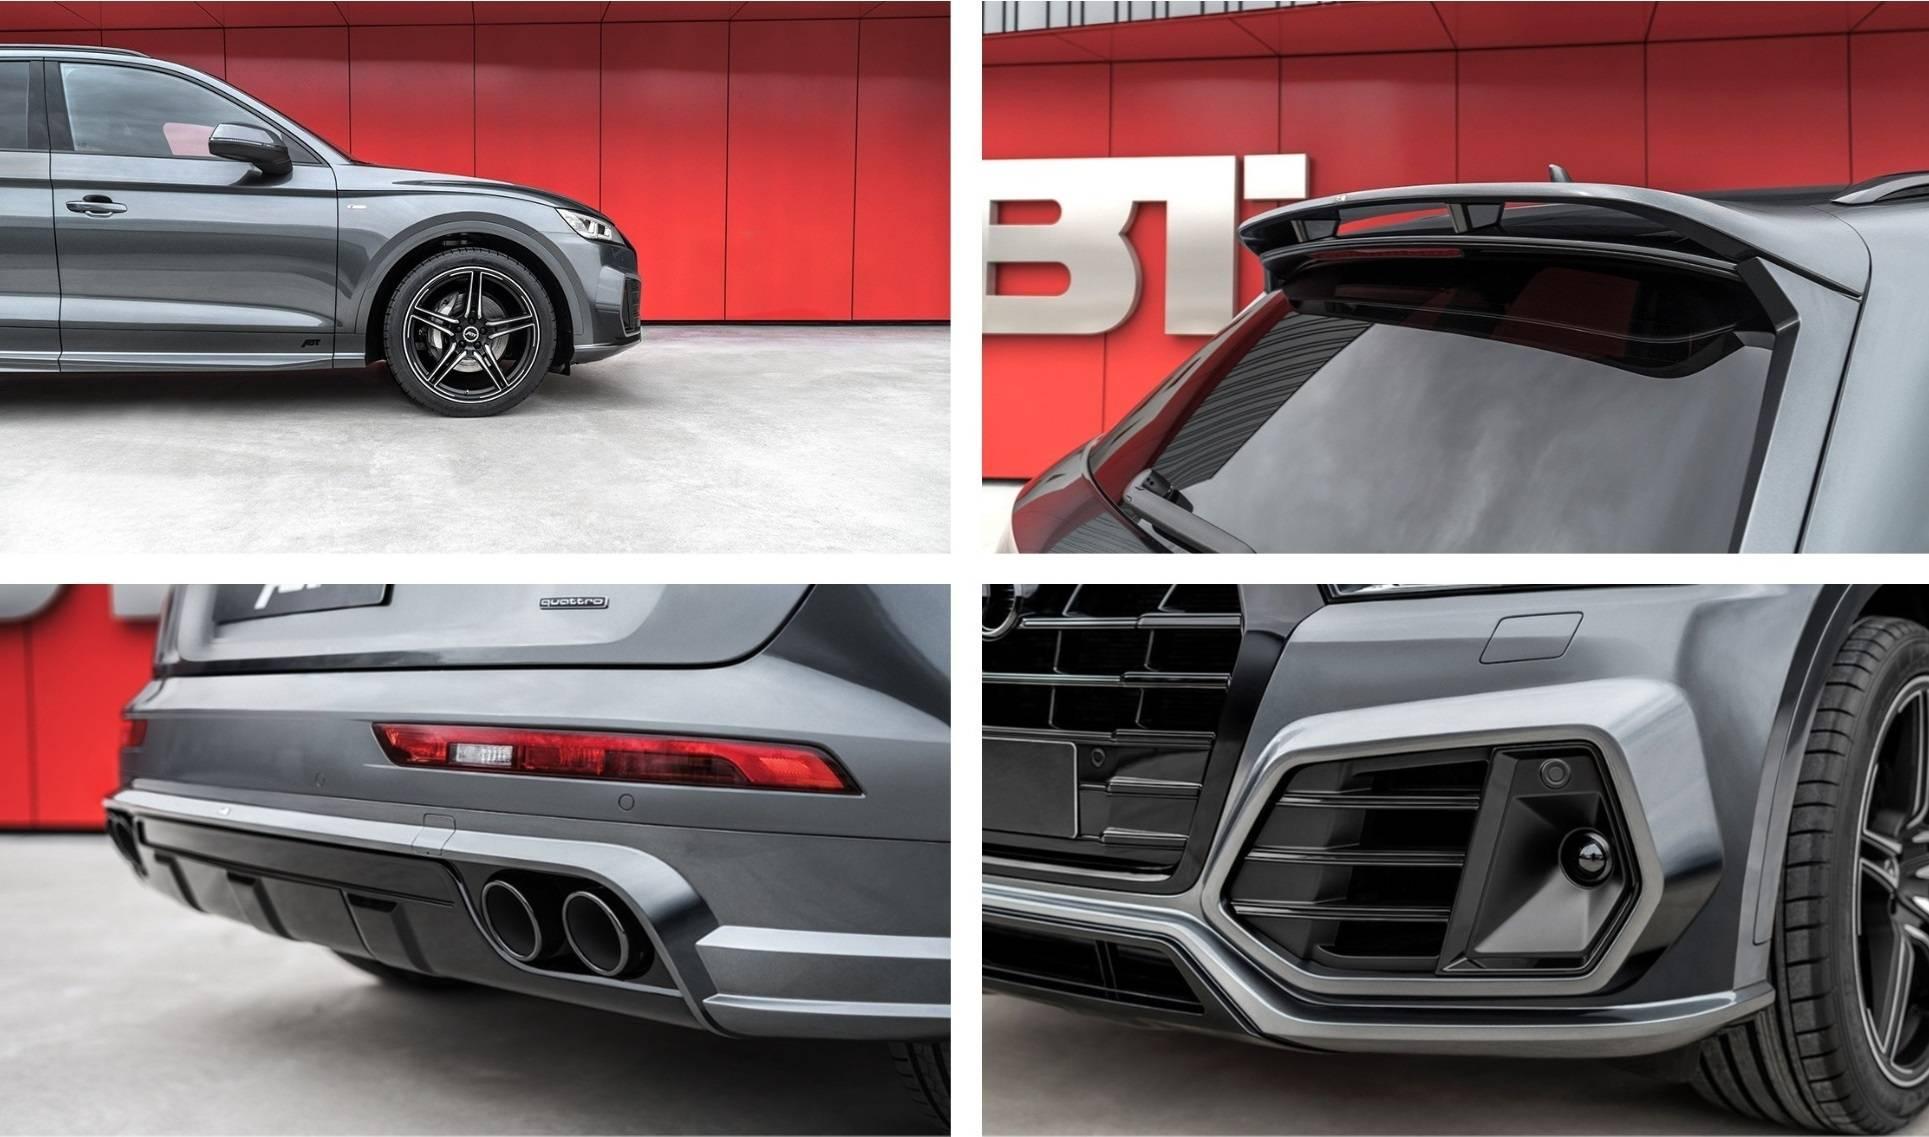 В России будет продаваться эксклюзивная серия Audi Q5 ABT Edition